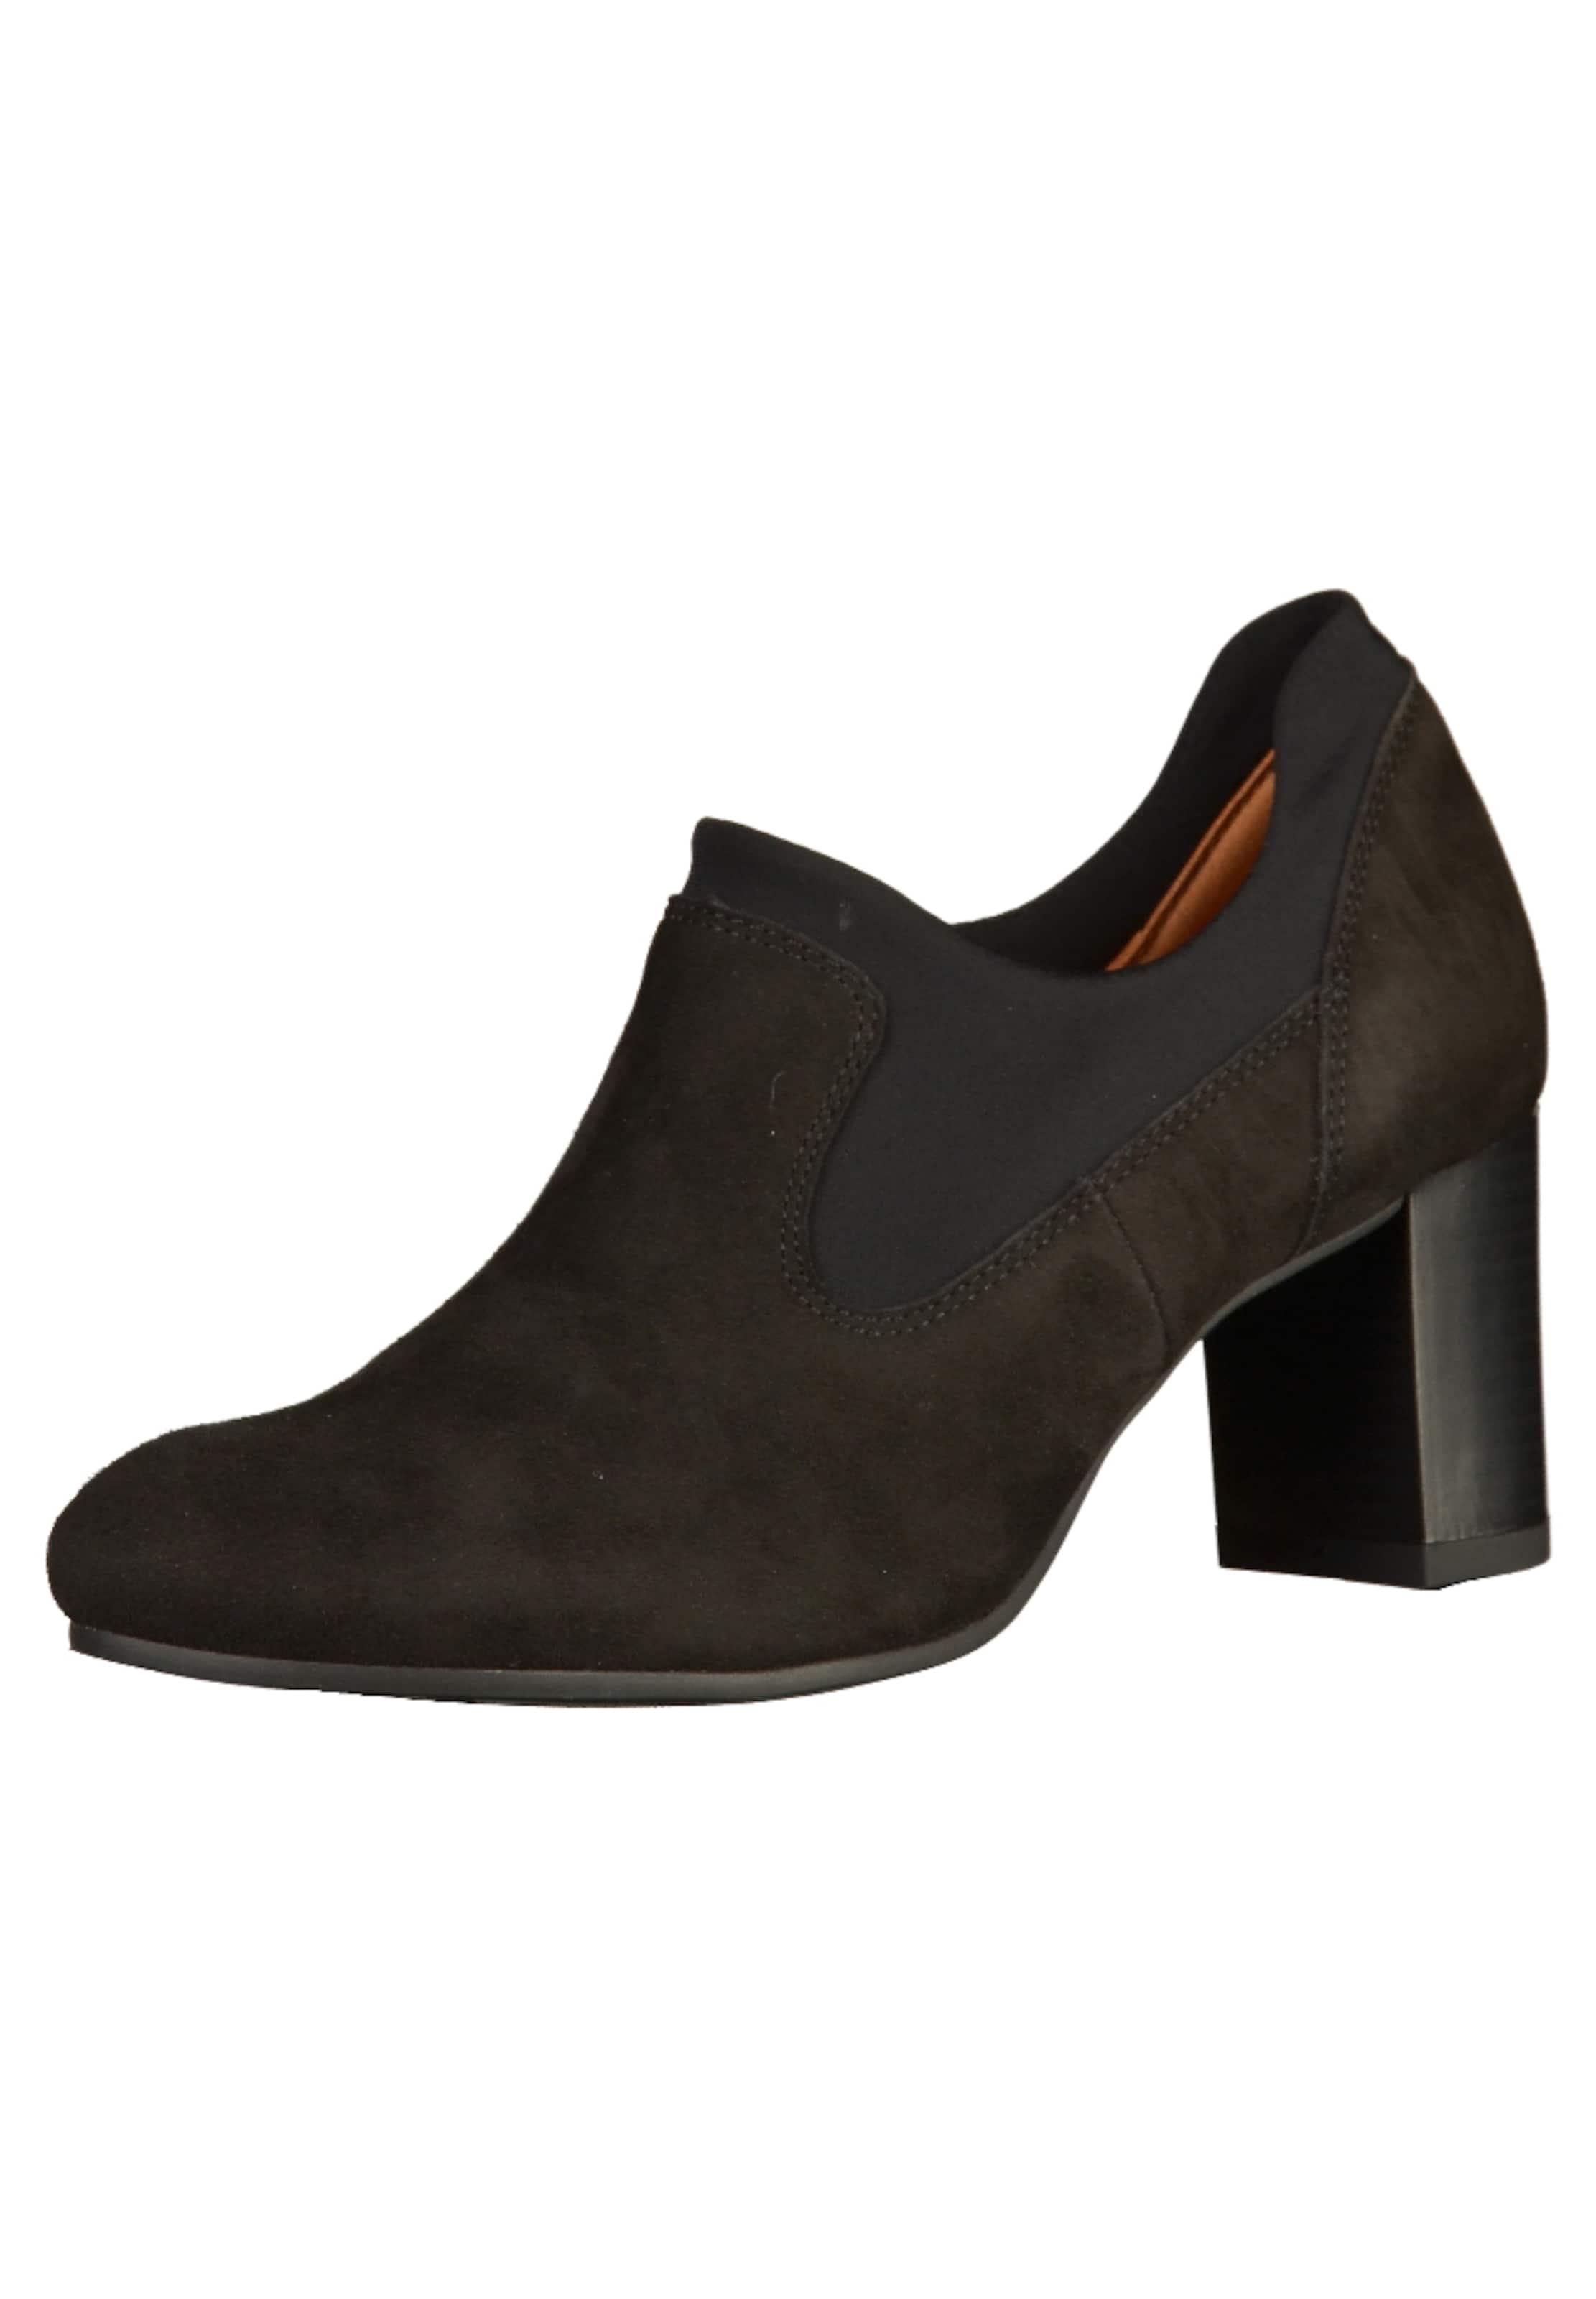 Haltbare Mode billige Schuhe CAPRICE   Pumps Schuhe Gut getragene Schuhe